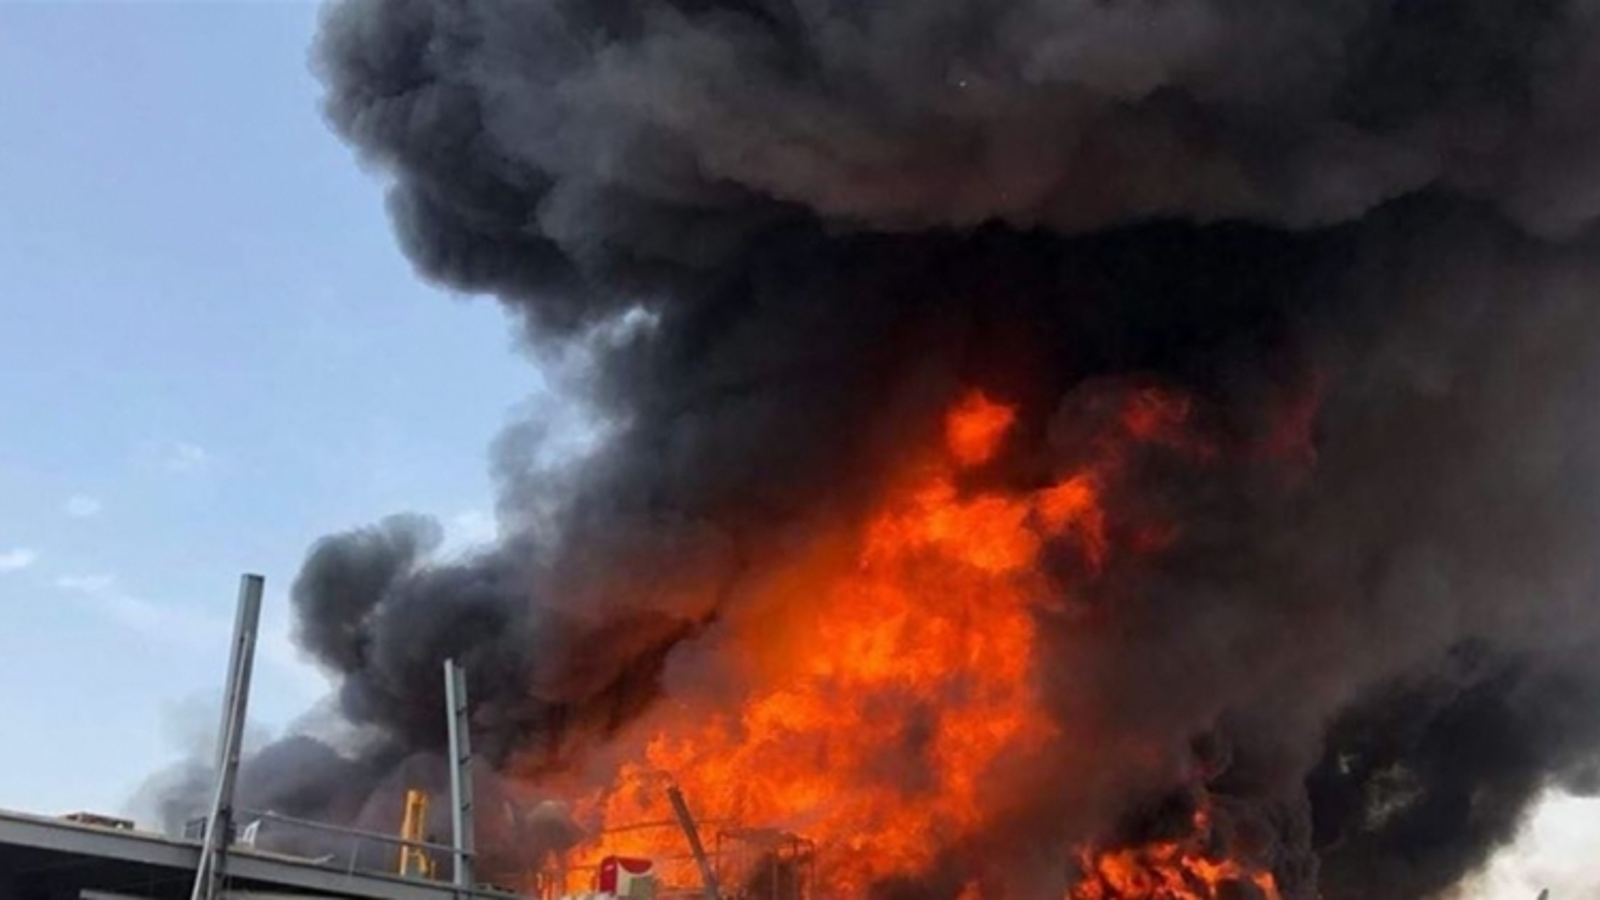 Vụ cháy kho hàng ở cảng Beirut là hành động cố ý phá hoại